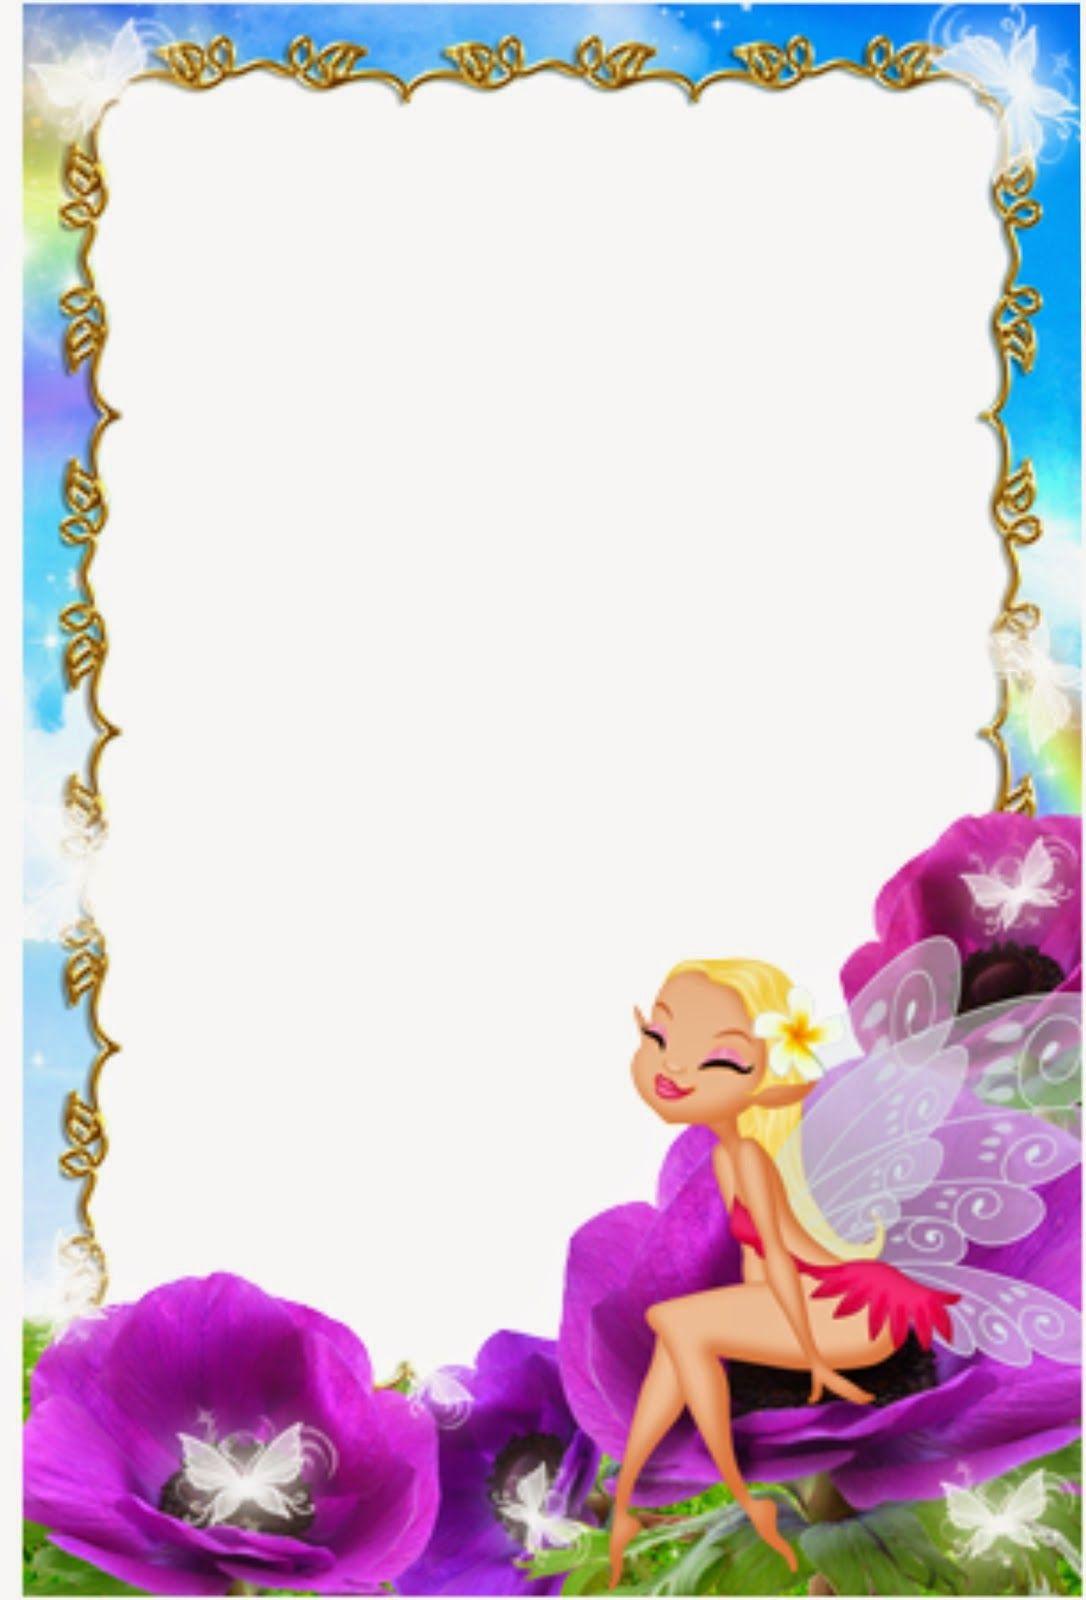 Caratula para cuaderno de niñas de kinder - Caratulas de Adas Madrinas